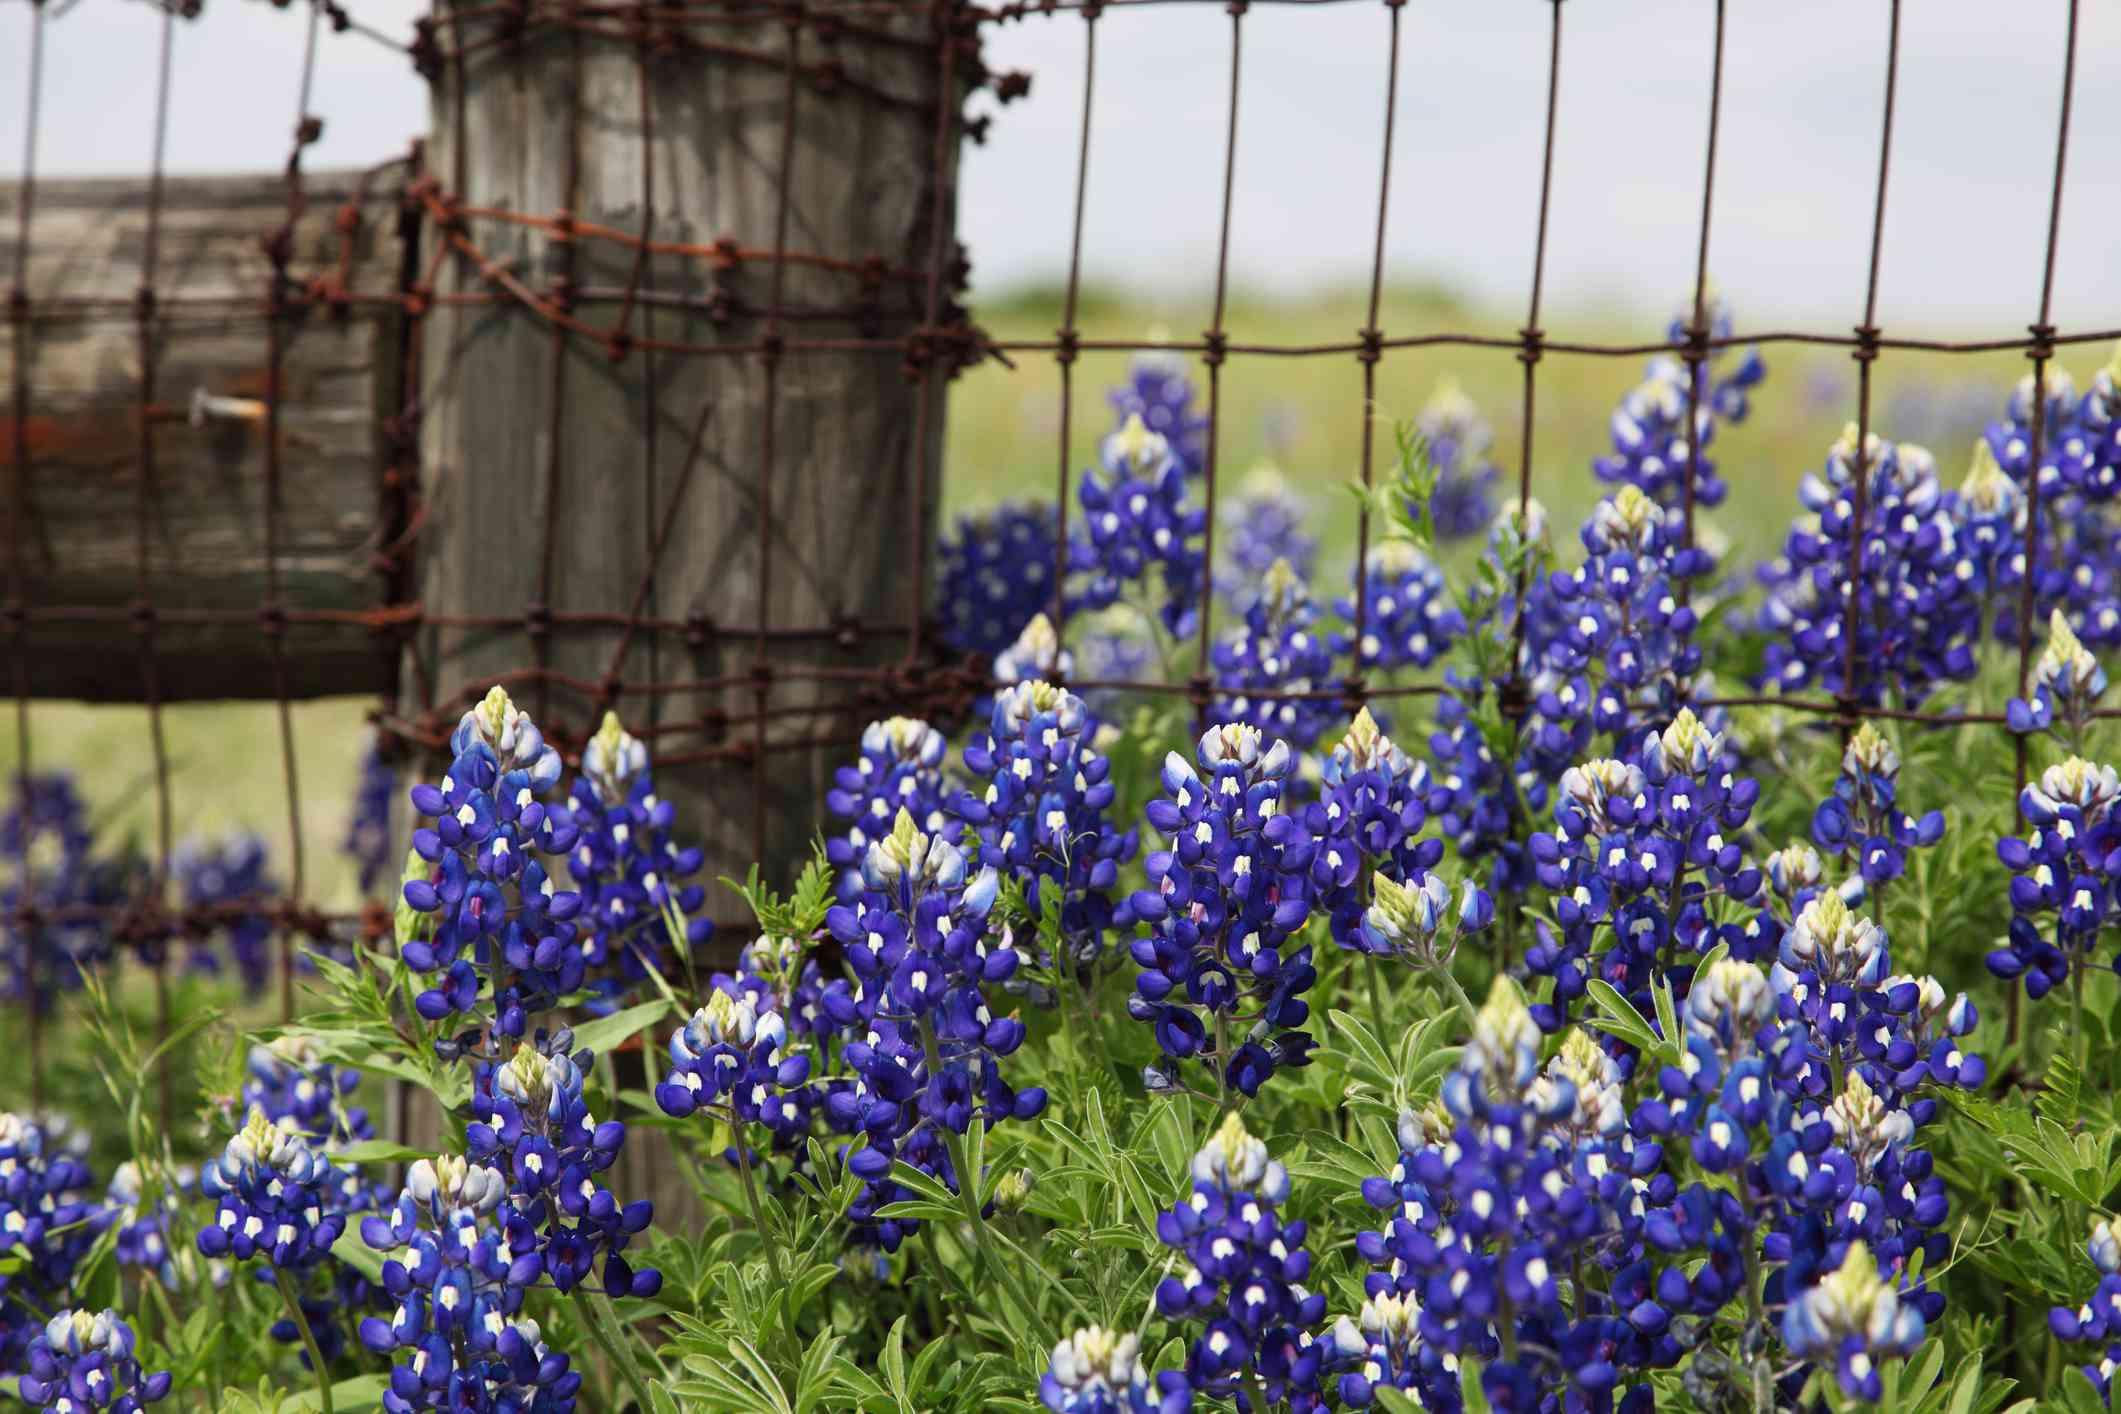 bluebonnets and fence XXXL